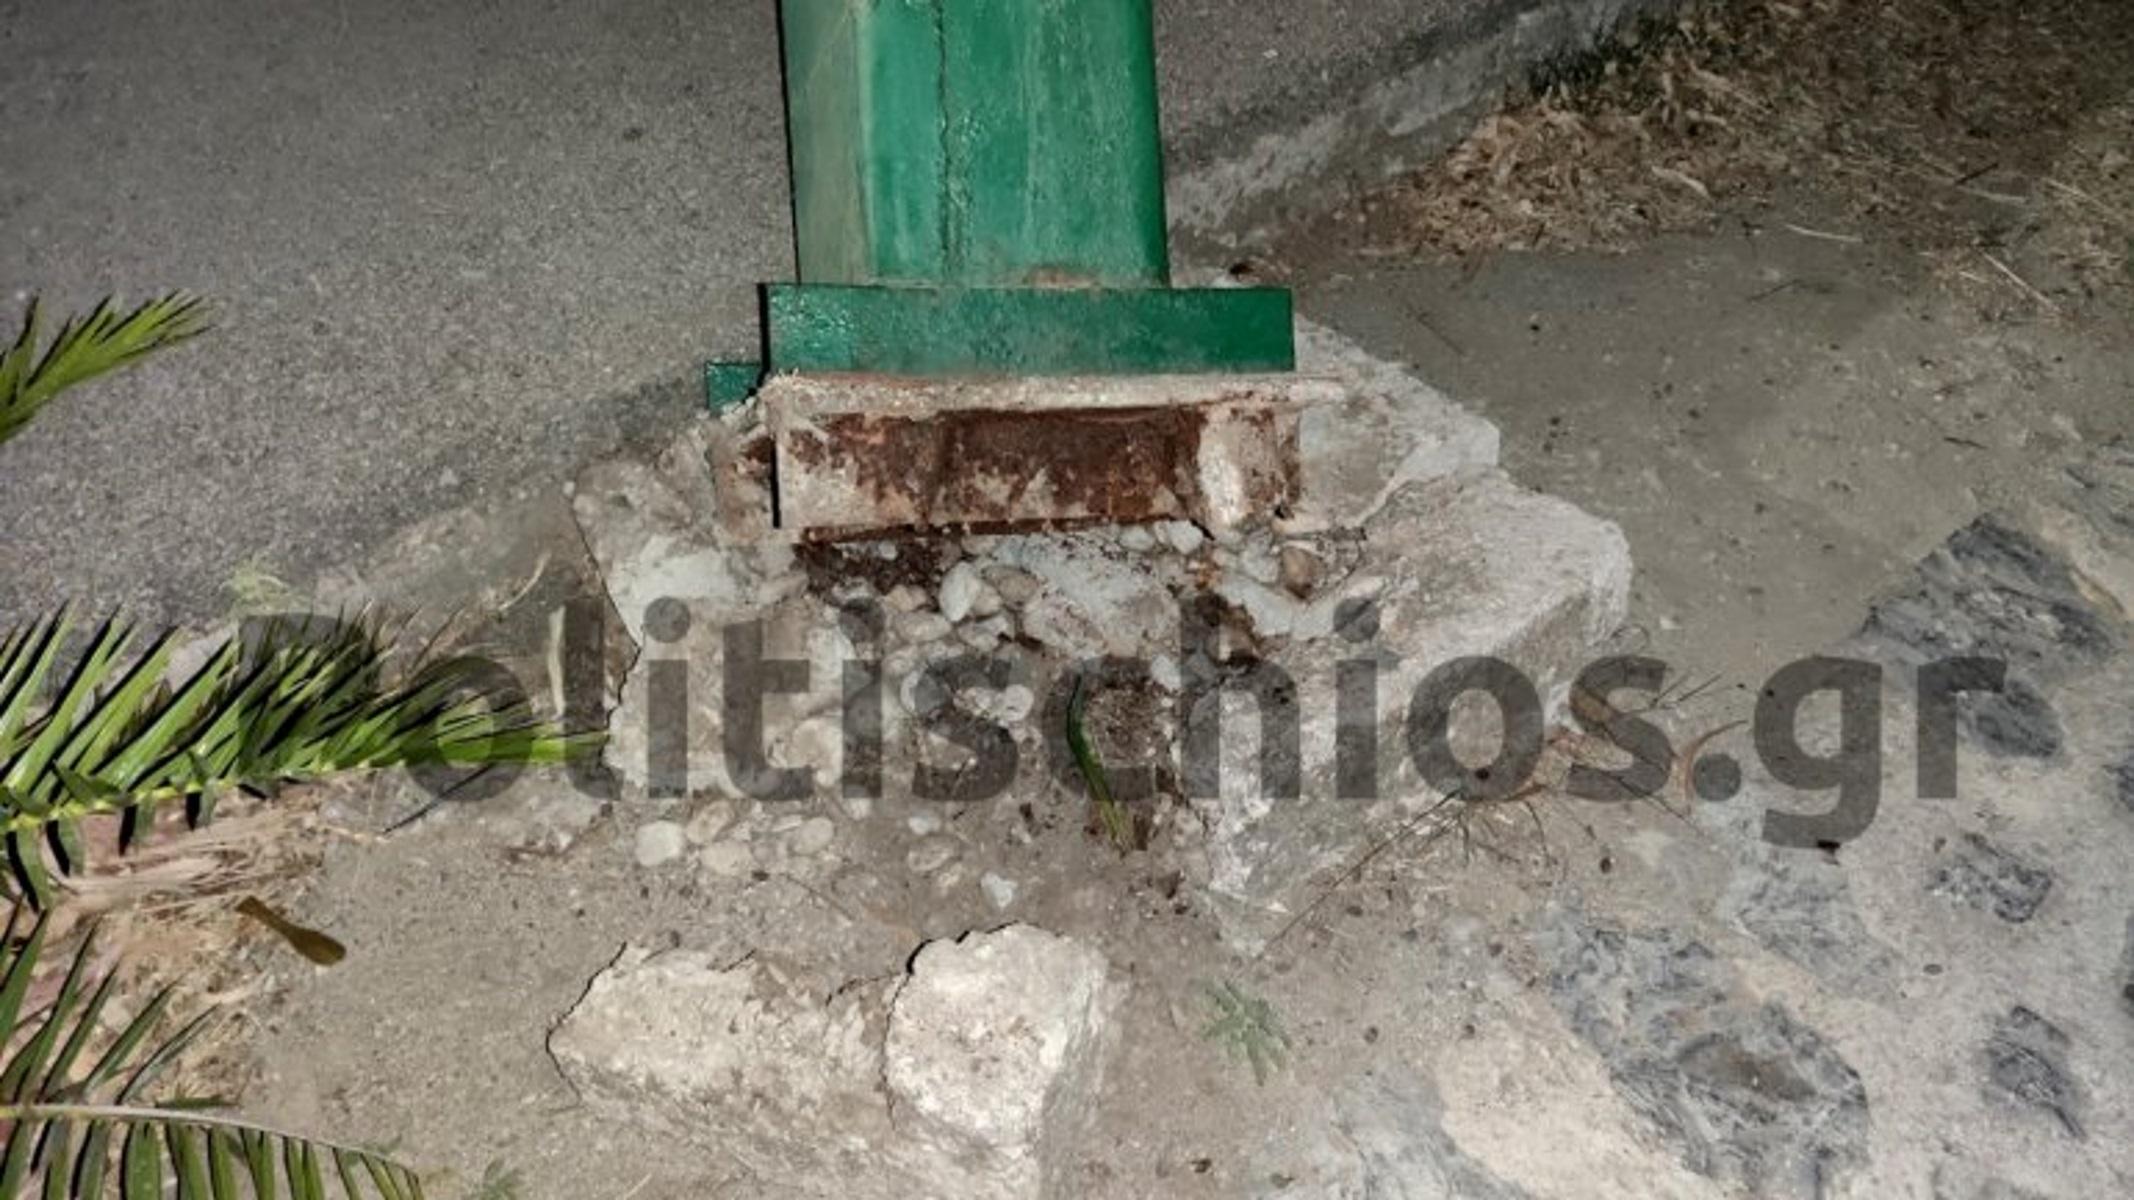 Χίος: Ούτε βίδες δεν είχε η μπασκέτα που σκότωσε τον 19χρονο - Ελεύθερος ο δήμαρχος